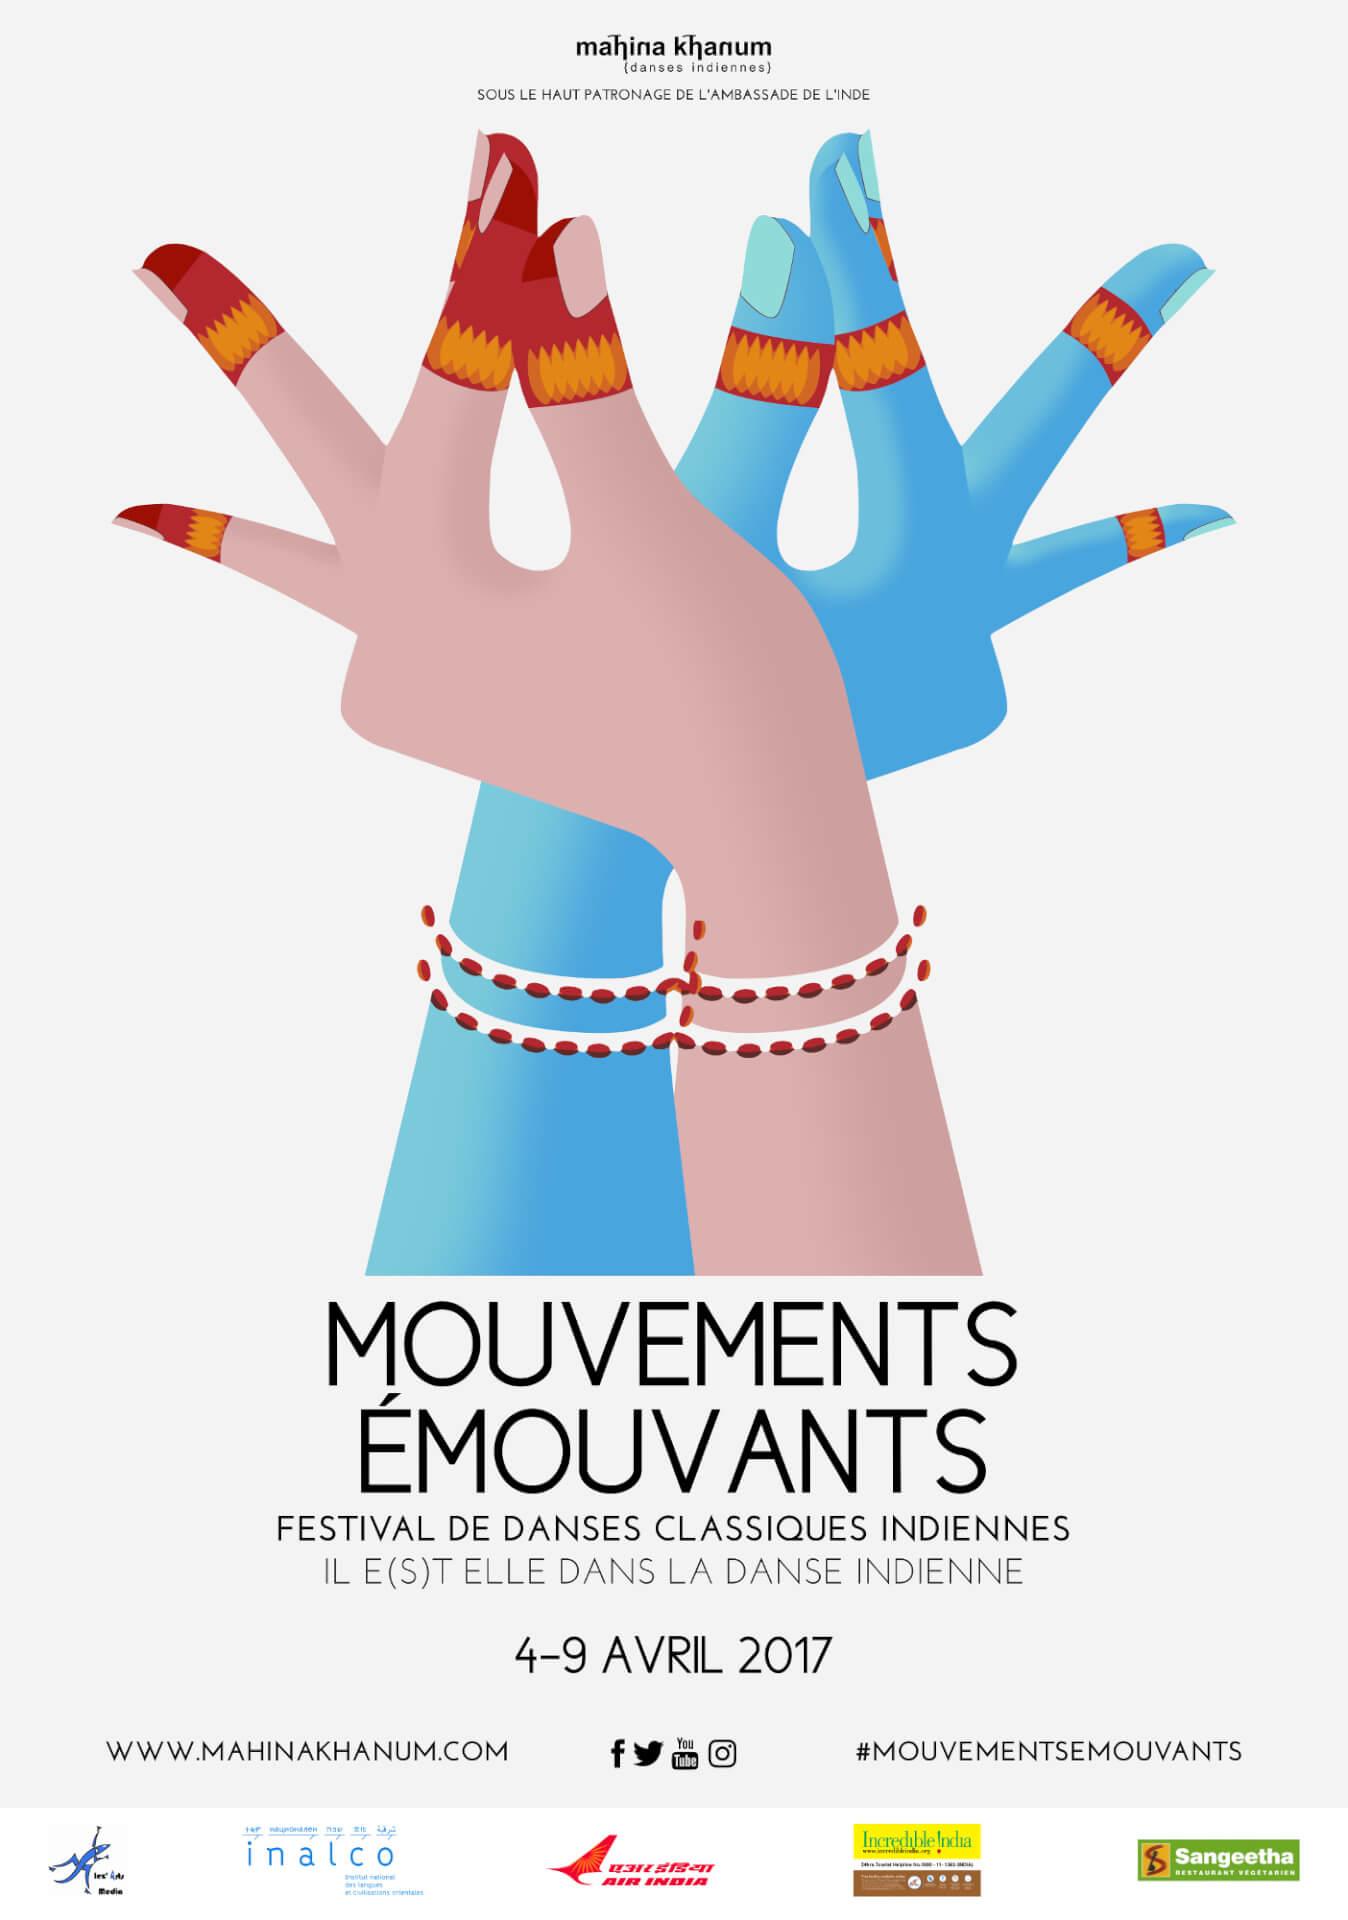 Mahina Khanum festival de danses classiques indiennes Mouvements émouvants